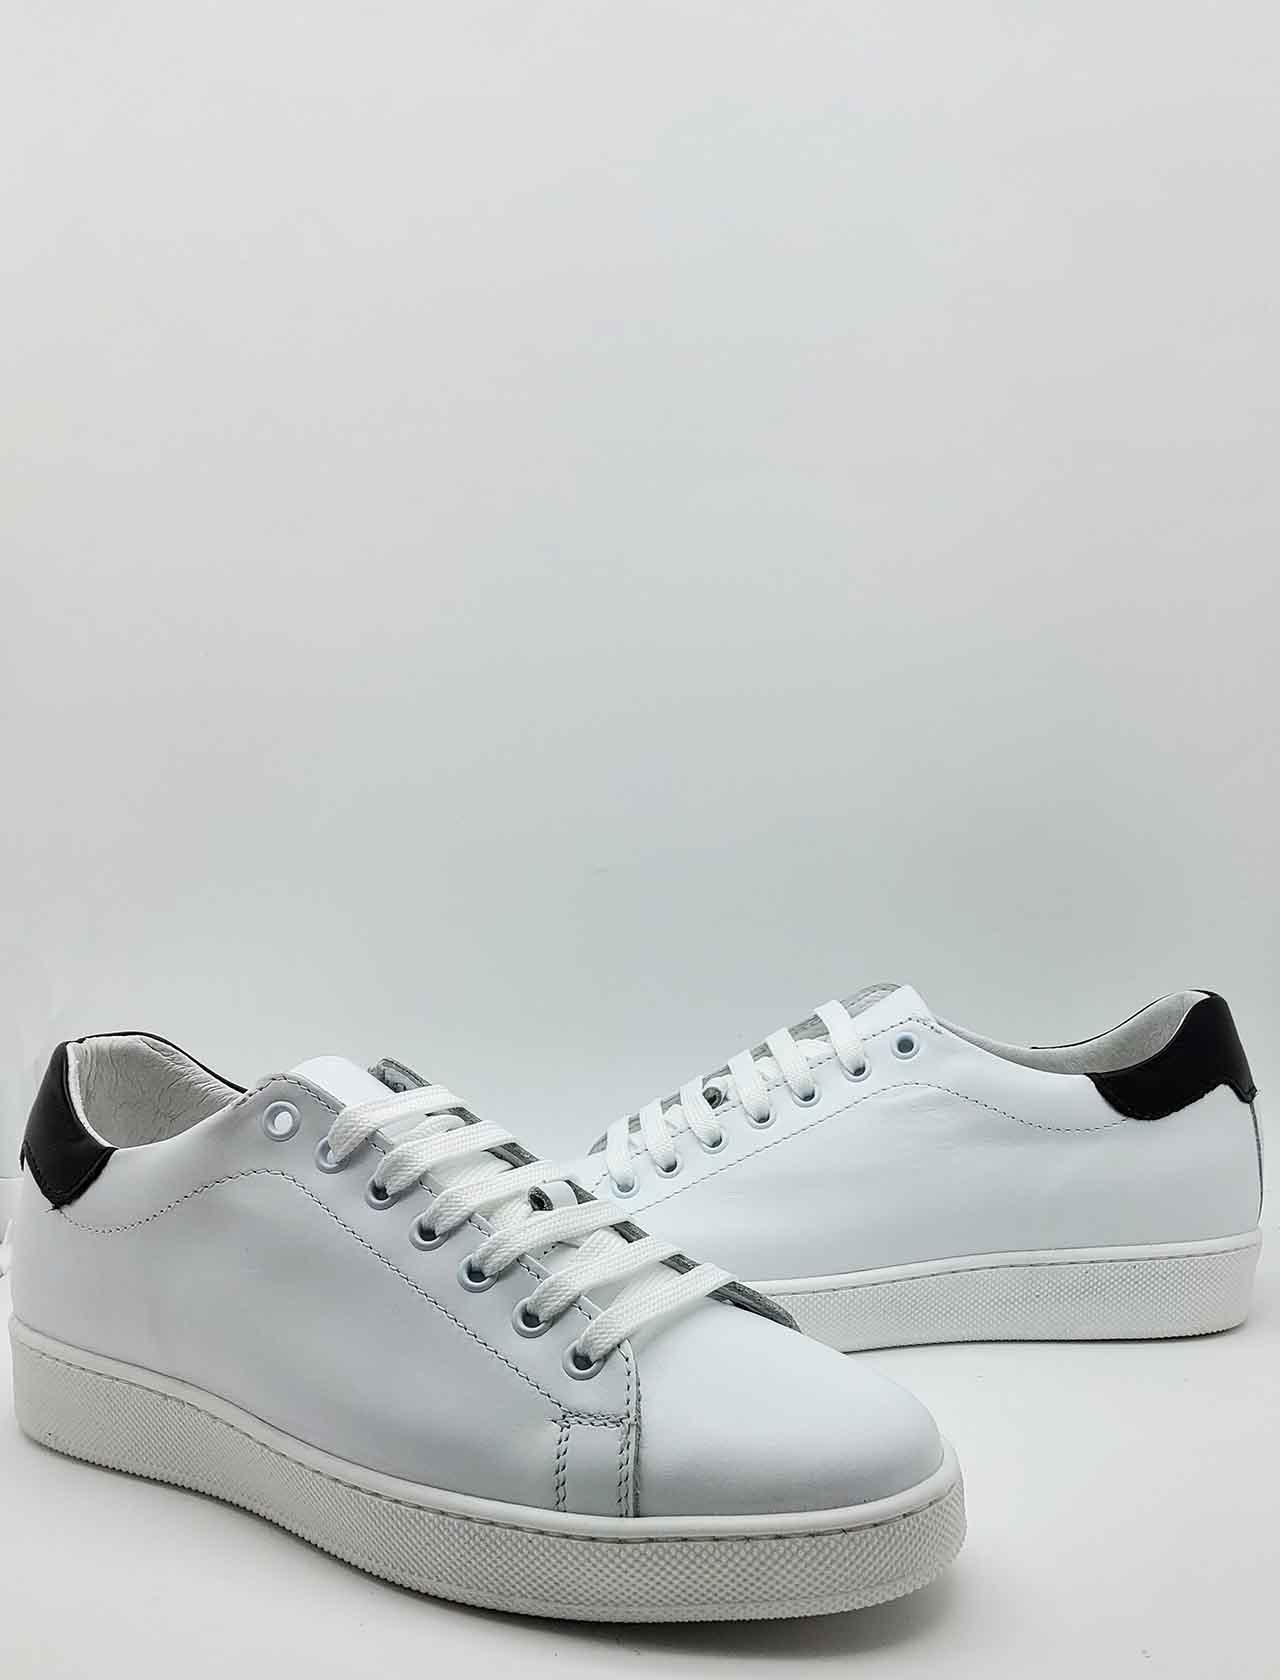 Calzature Uomo Sneakers in Pelle Bianca con Fondo in Gomma Spatarella   Sneakers   2011100